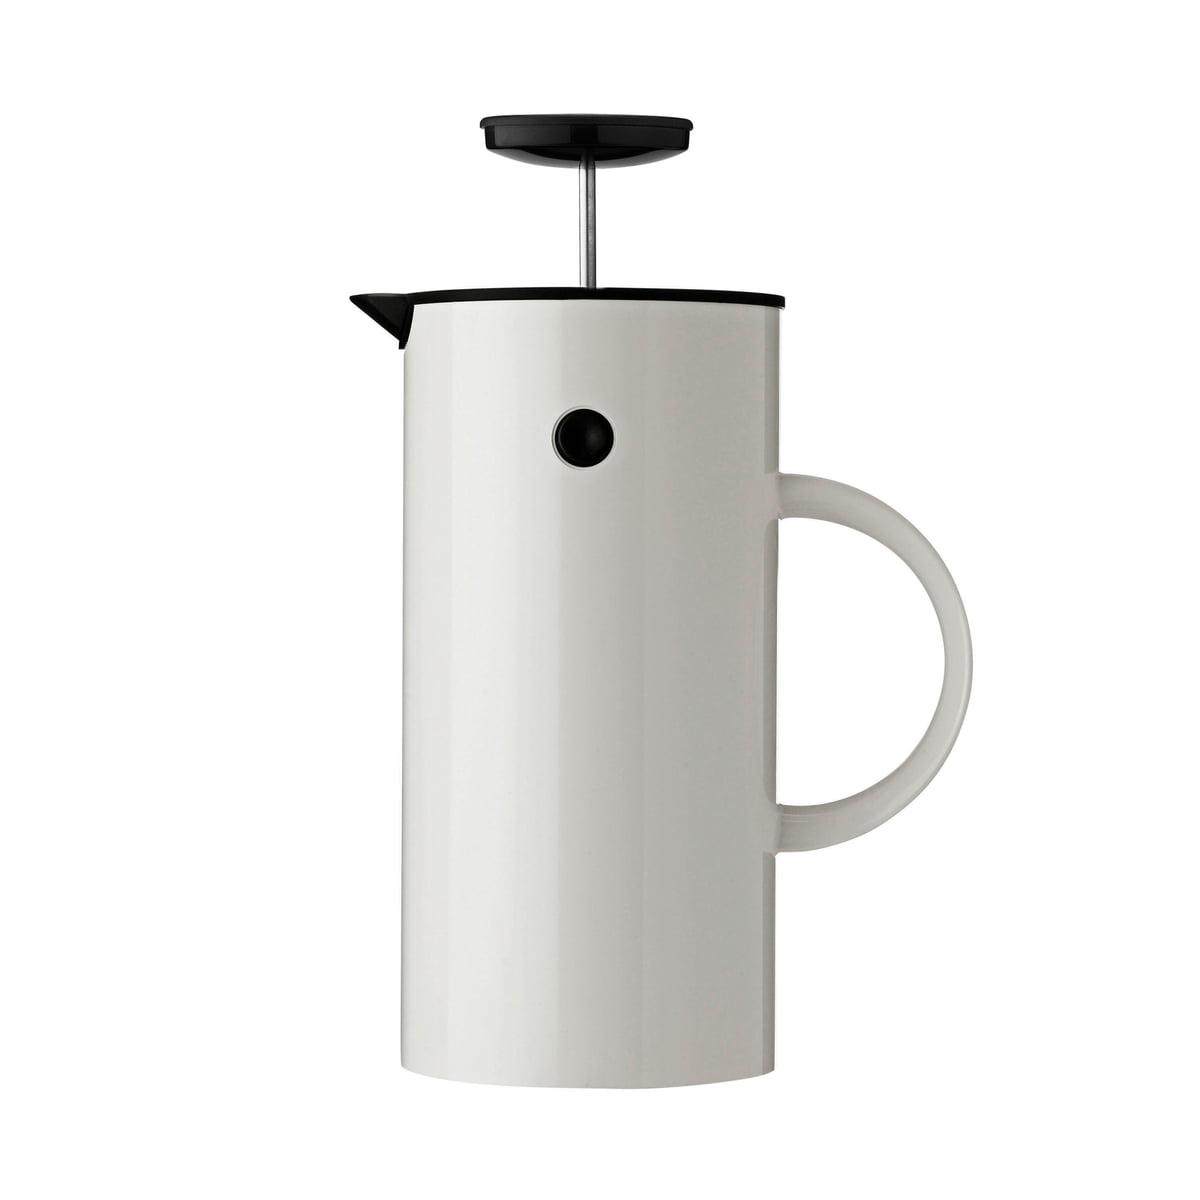 Kaffeezubereiter, 8 Tassen, weiß